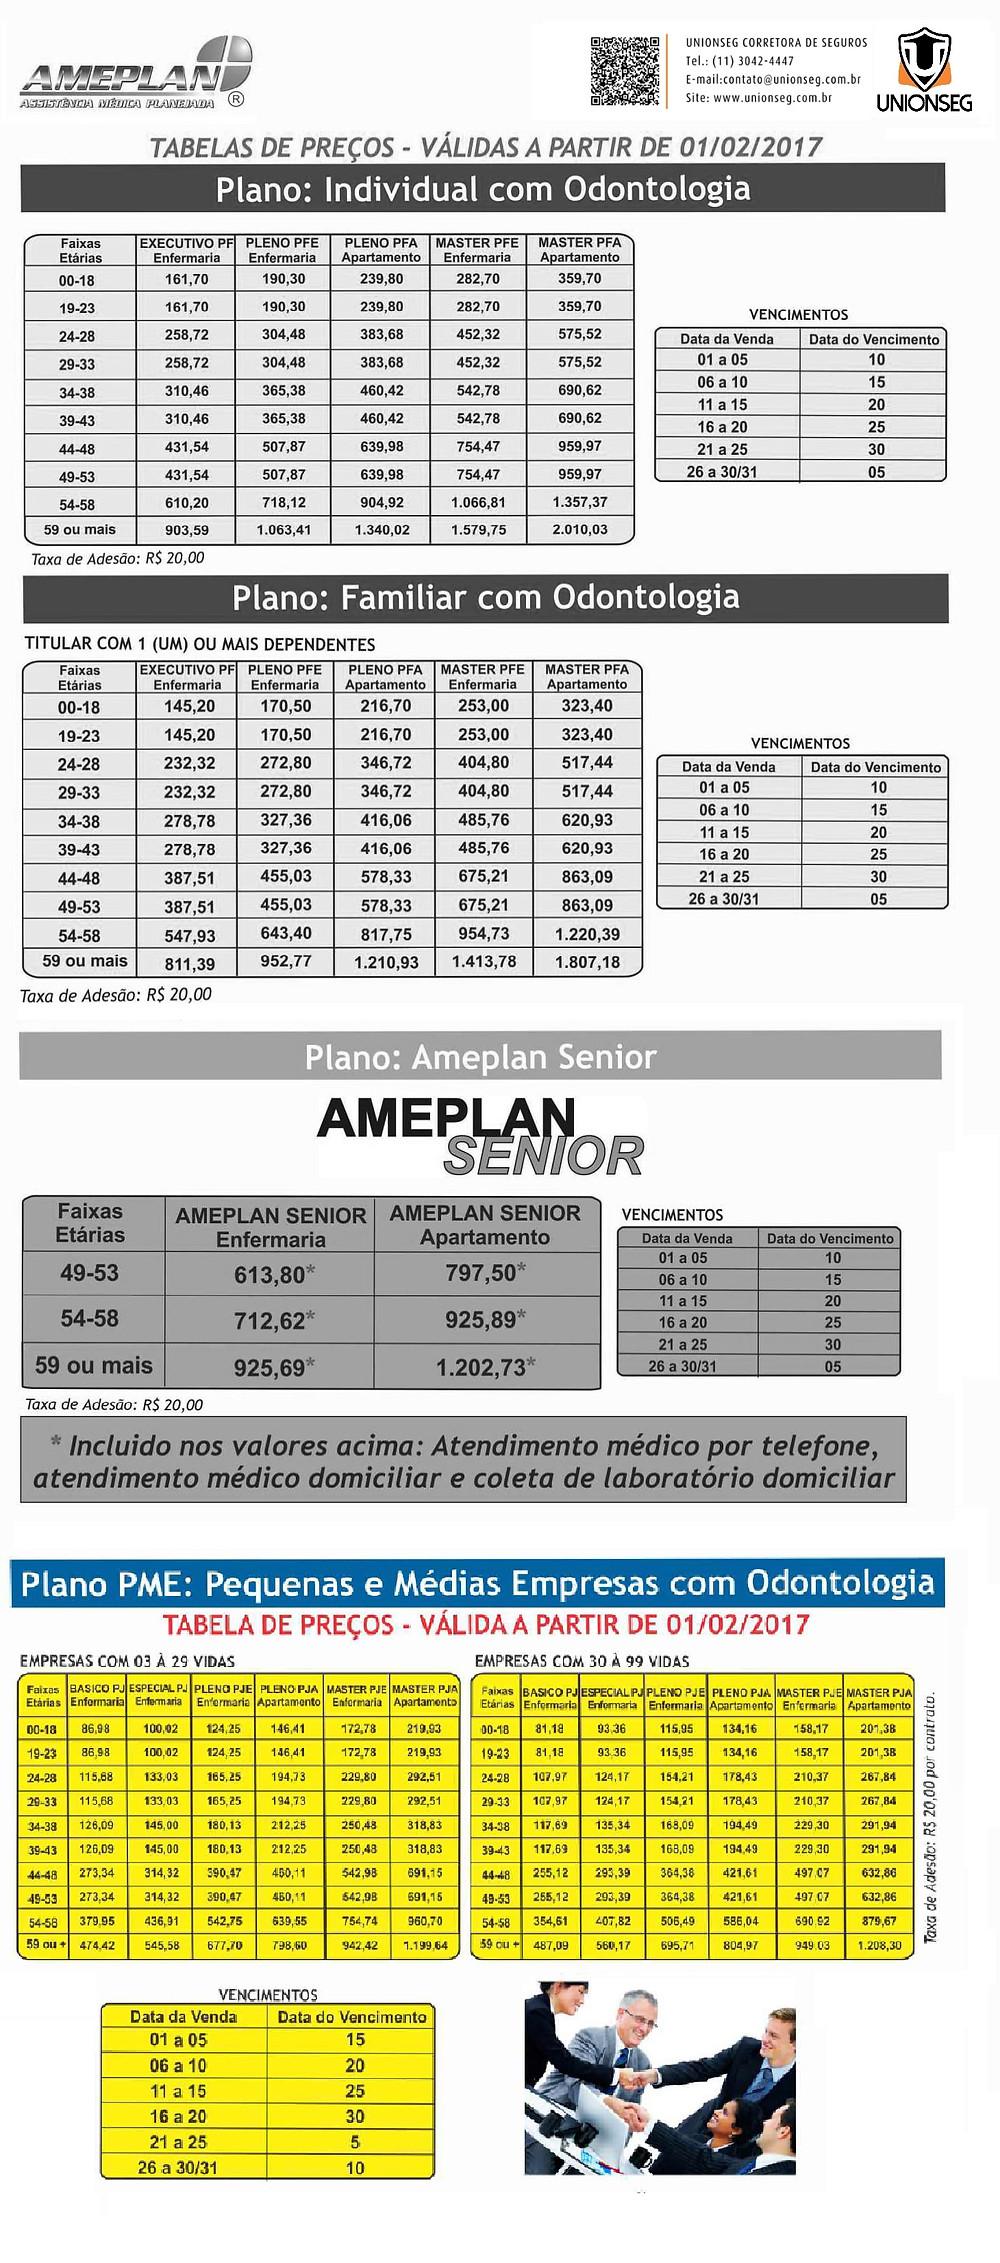 Tabela de Preço Ameplan, Ameplan, plano de saúde,convênio médico, plano de sáúde sênior, unionseg, corretora de seguros